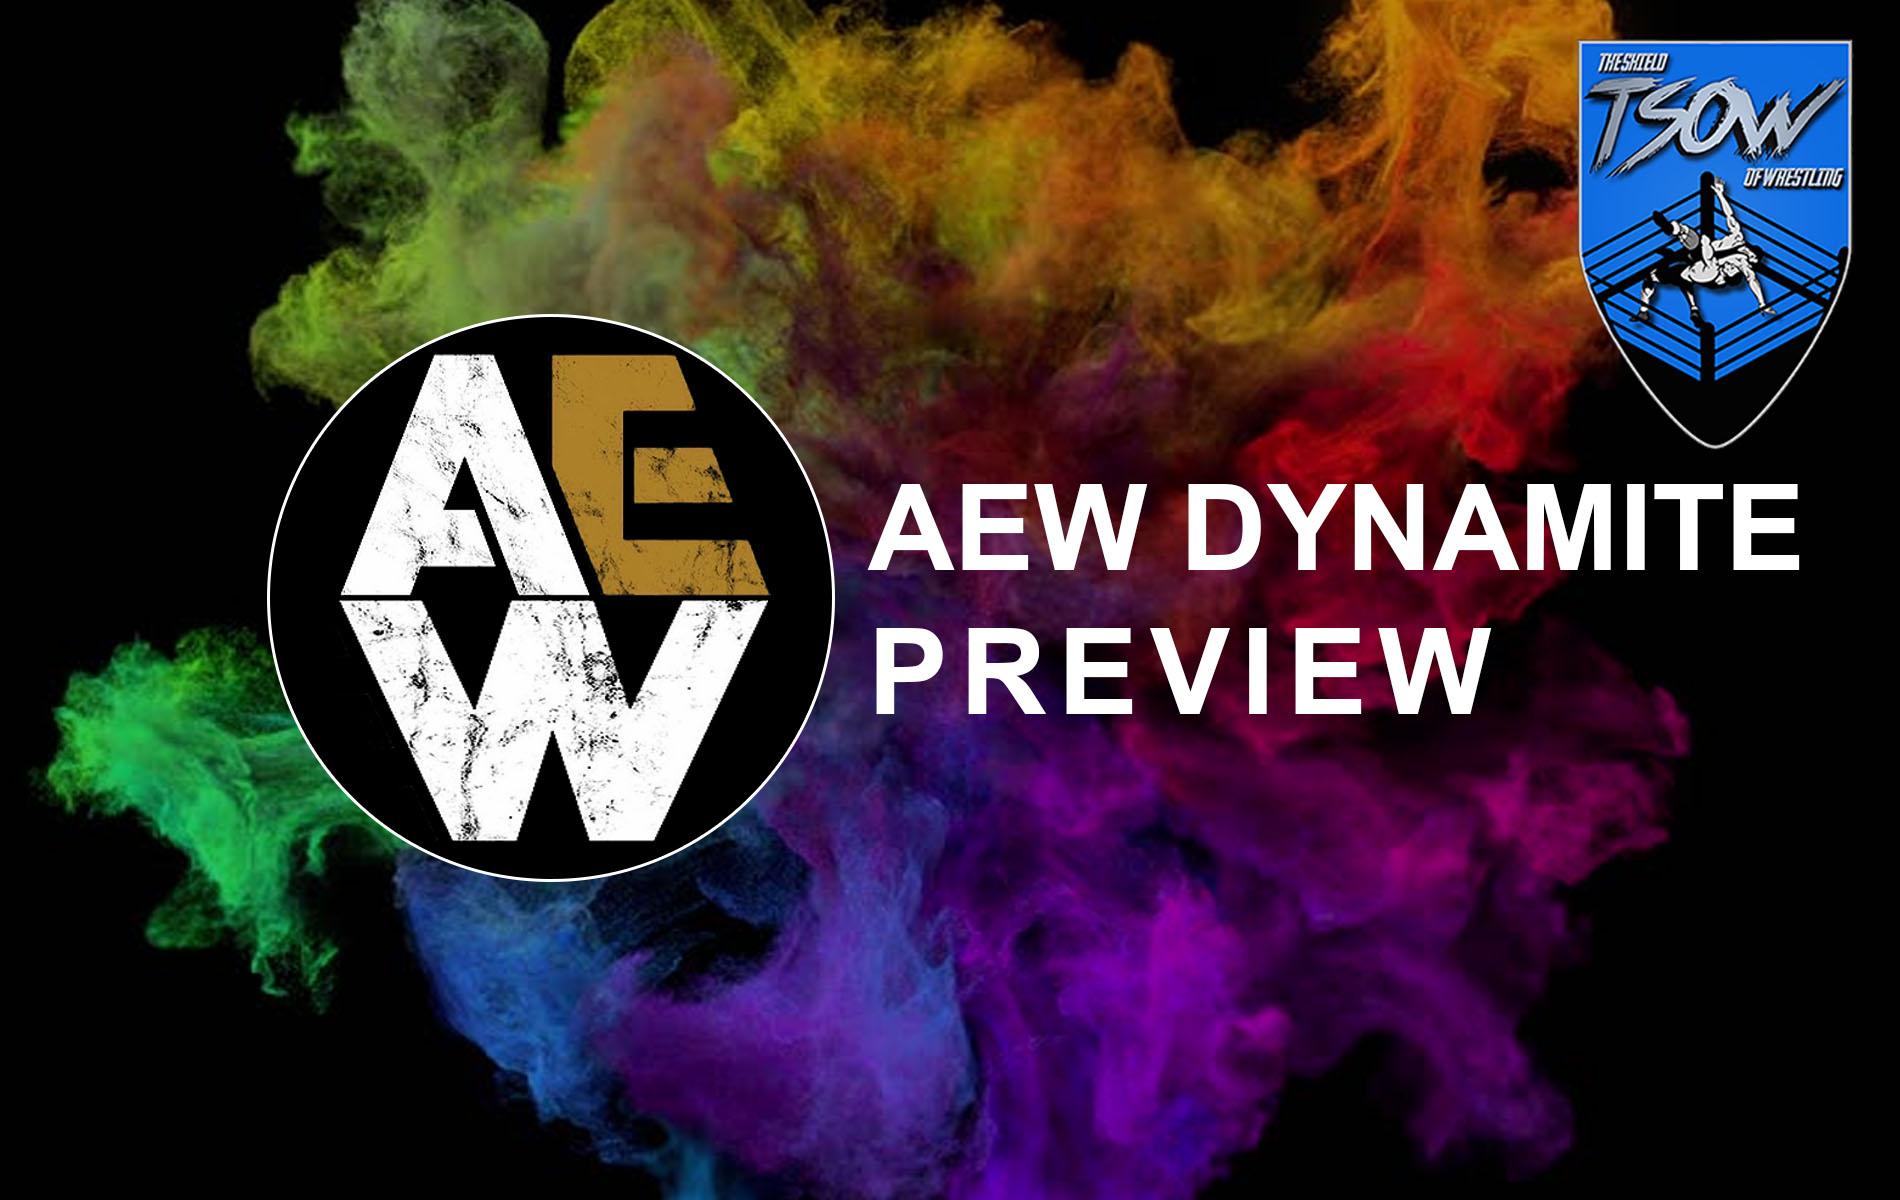 Anteprima AEW Dynamite 12-05-2021